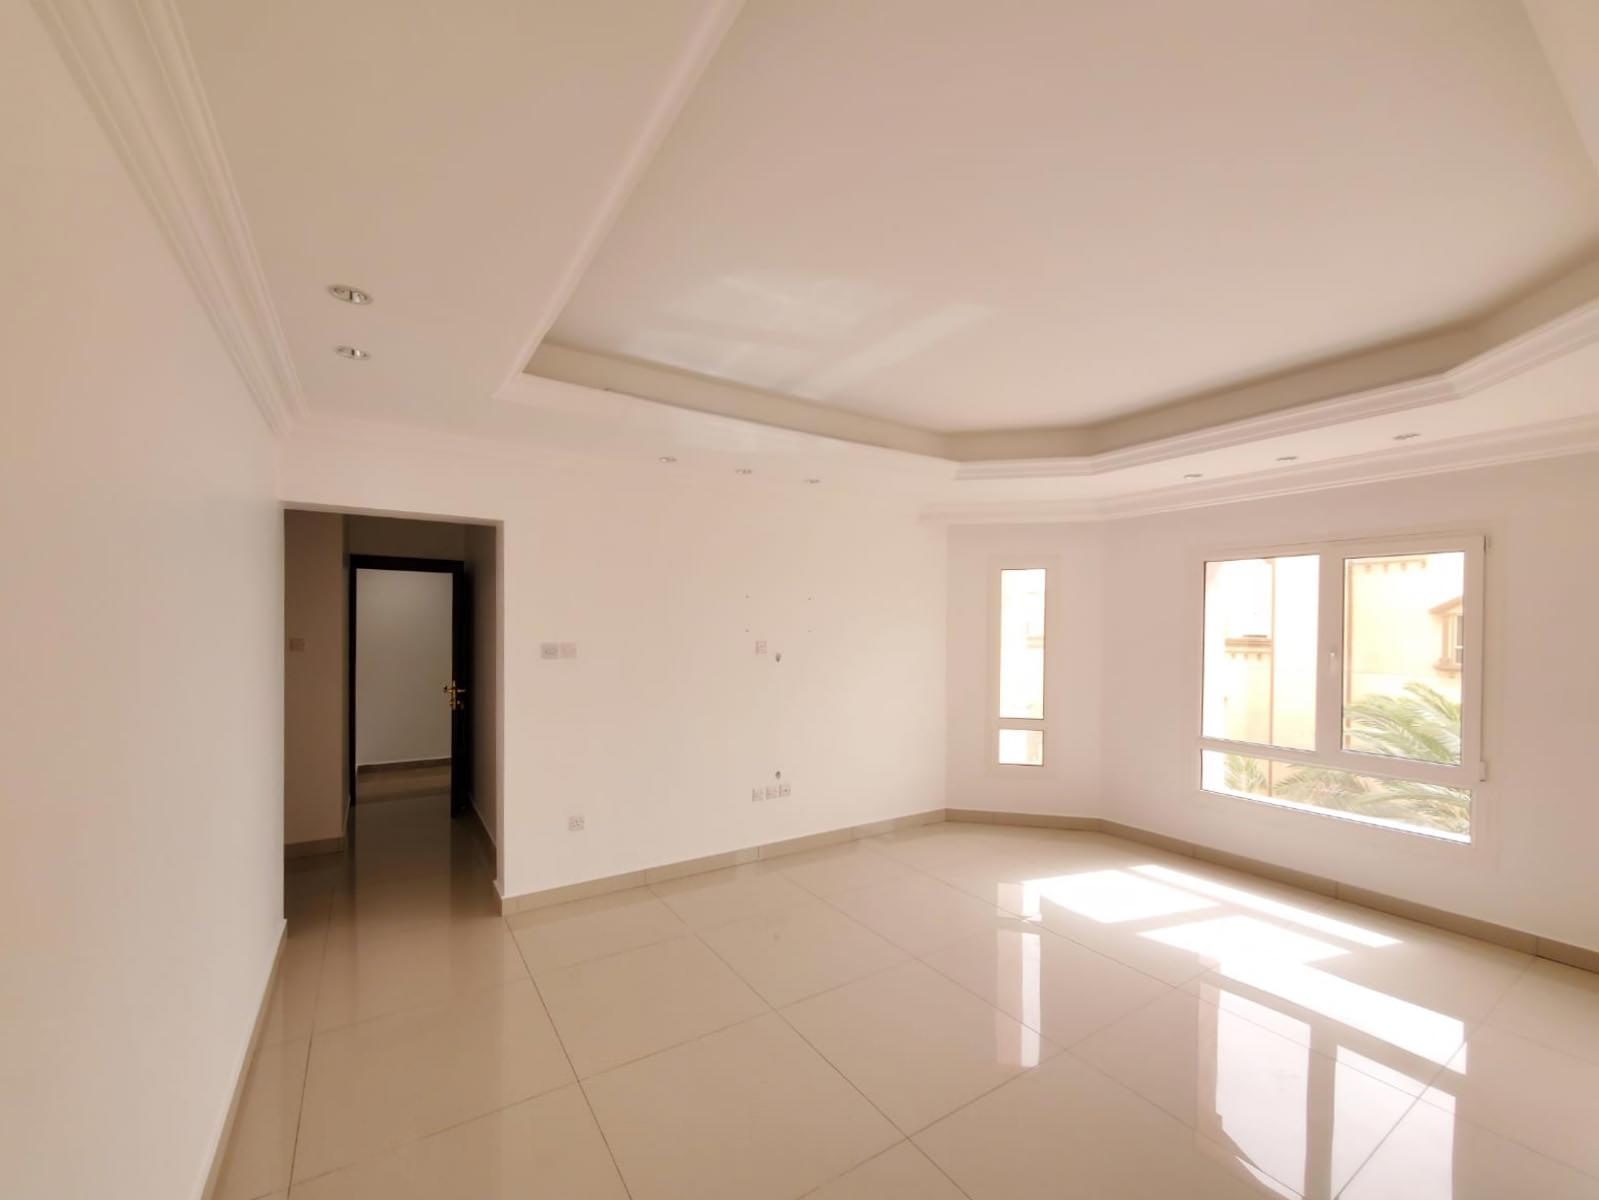 Bayan – sunny, unfurnished three bedroom floor